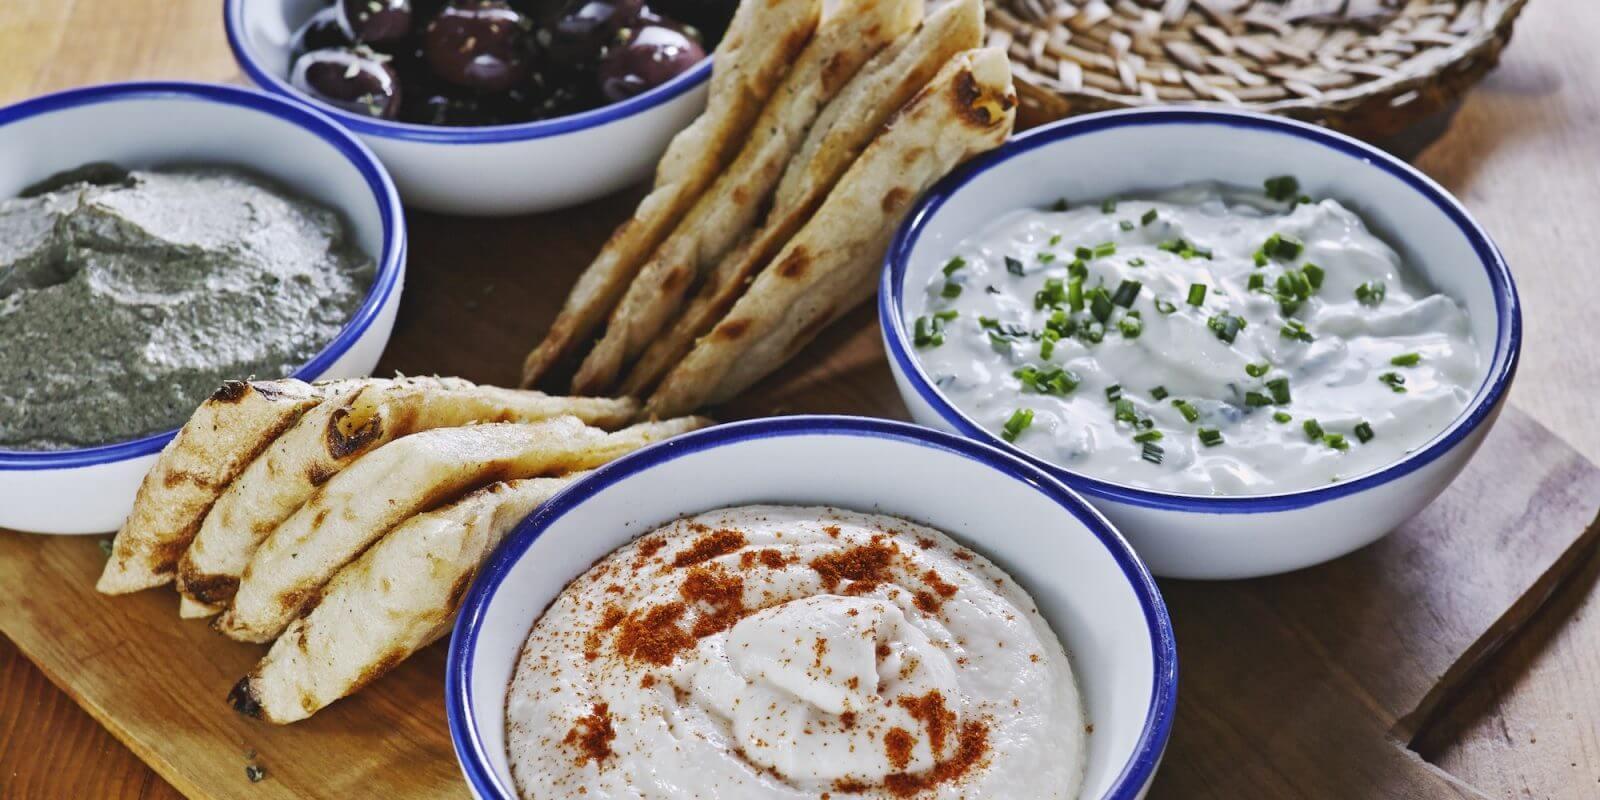 cucina greca milano vasiliki kouzina 1600x800 LA NOSTRA SELEZIONE DI FOOD DELIVERY